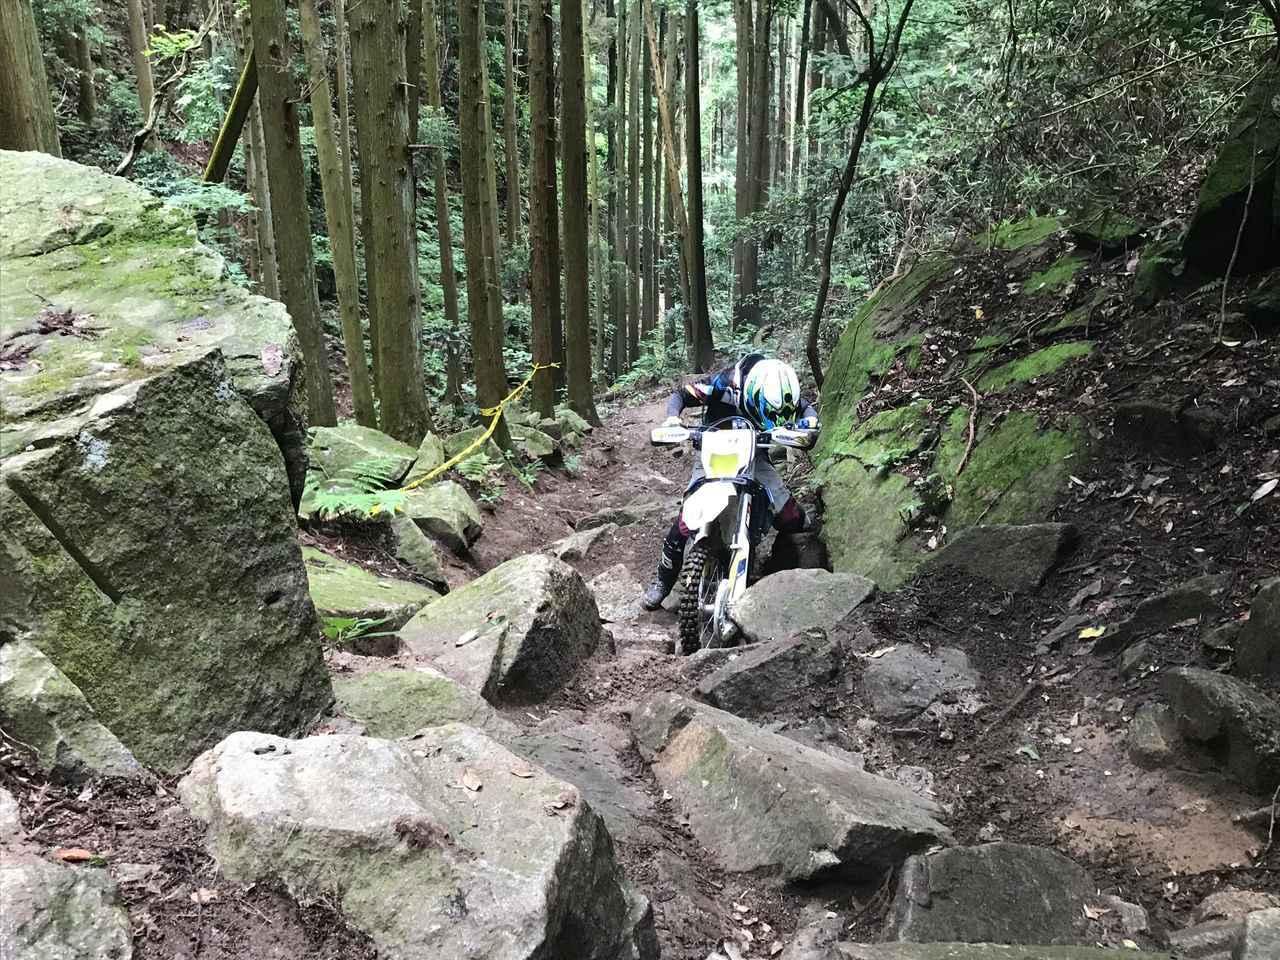 画像: 僕たちはいつも茨城県にあるオフロードパークSHIRAIで練習をしているのですが、ここがまさにHIDAKA ROCKSの練習にうってつけなんです。当然、今回もレースに向けてここで岩や沢の特訓を行いました。これ以上に練習になるところは無いでしょう。沢の往復はもちろんのこと、第5エリアの岩を使った基礎練も行いました。